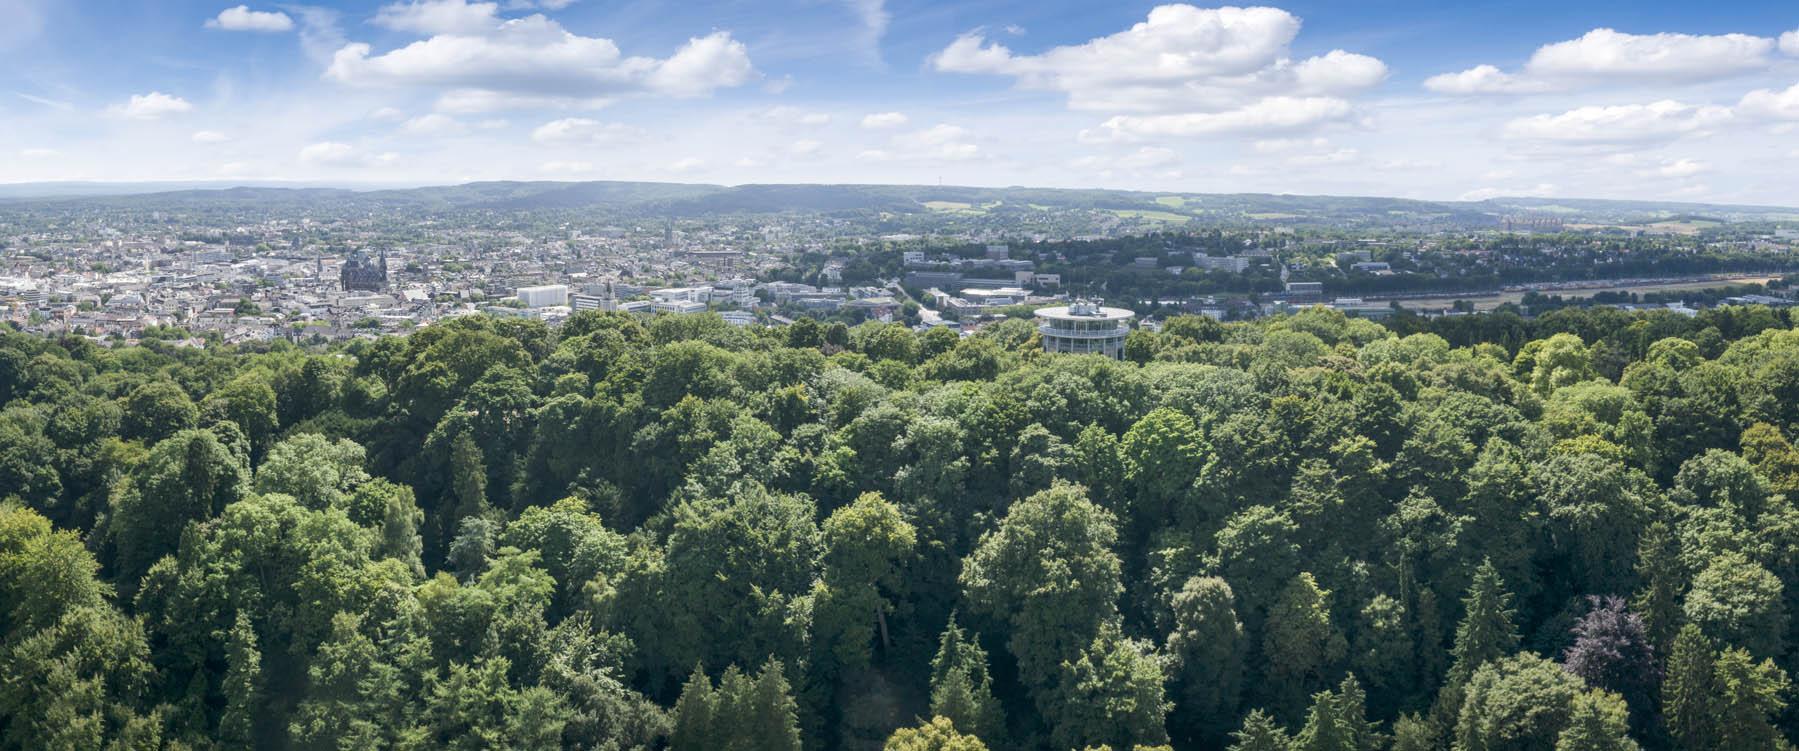 Luftbildaufnahme von Aachen, der Aachener Lousberg